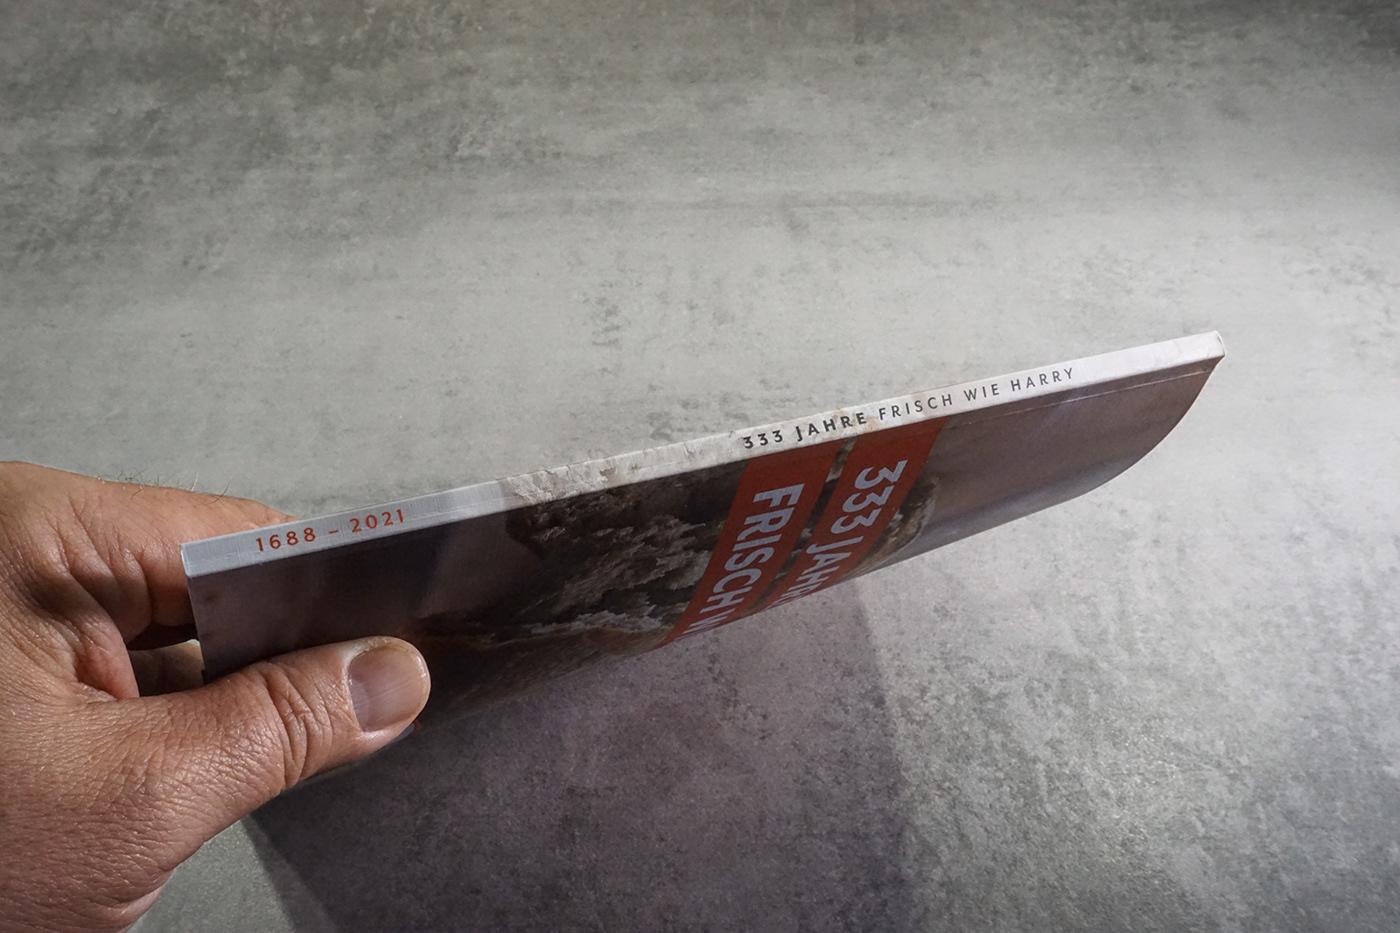 Branding design broschure Corporate Design Drucksachen editorial design  Grafikdesign graphic design  Identity Design rotherdesign typografie